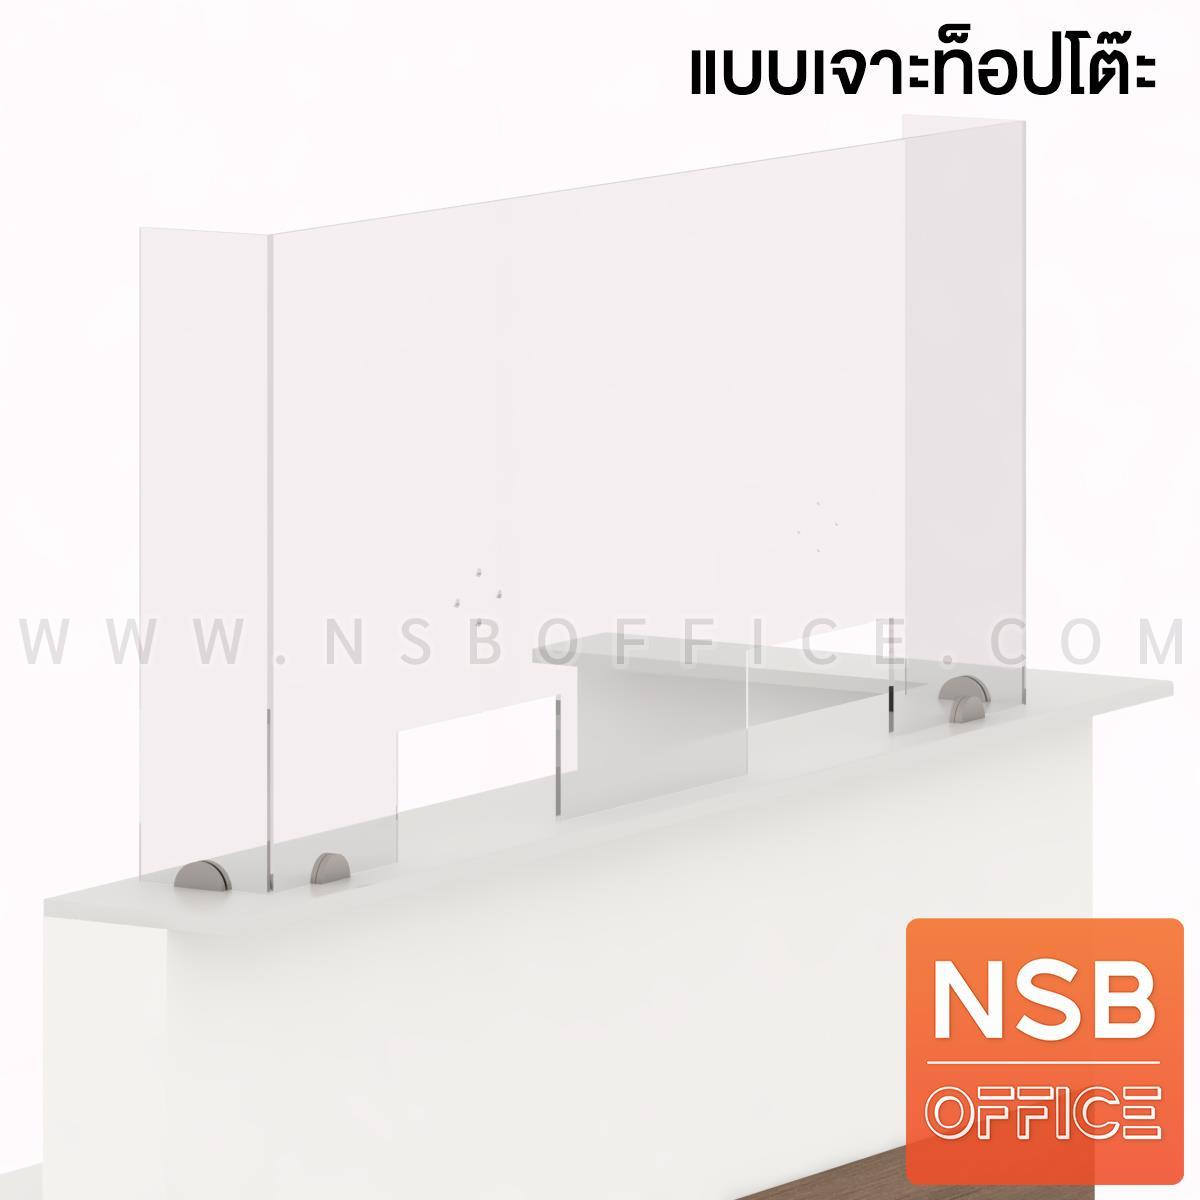 P04A045:มินิสกรีนแผ่นอะครีลิคแบบตัวยู กั้นสูงหน้าโต๊ะบริการ รุ่น safe service สูงพิเศษ 60H cm. แบบเจาะหน้าโต๊ะ